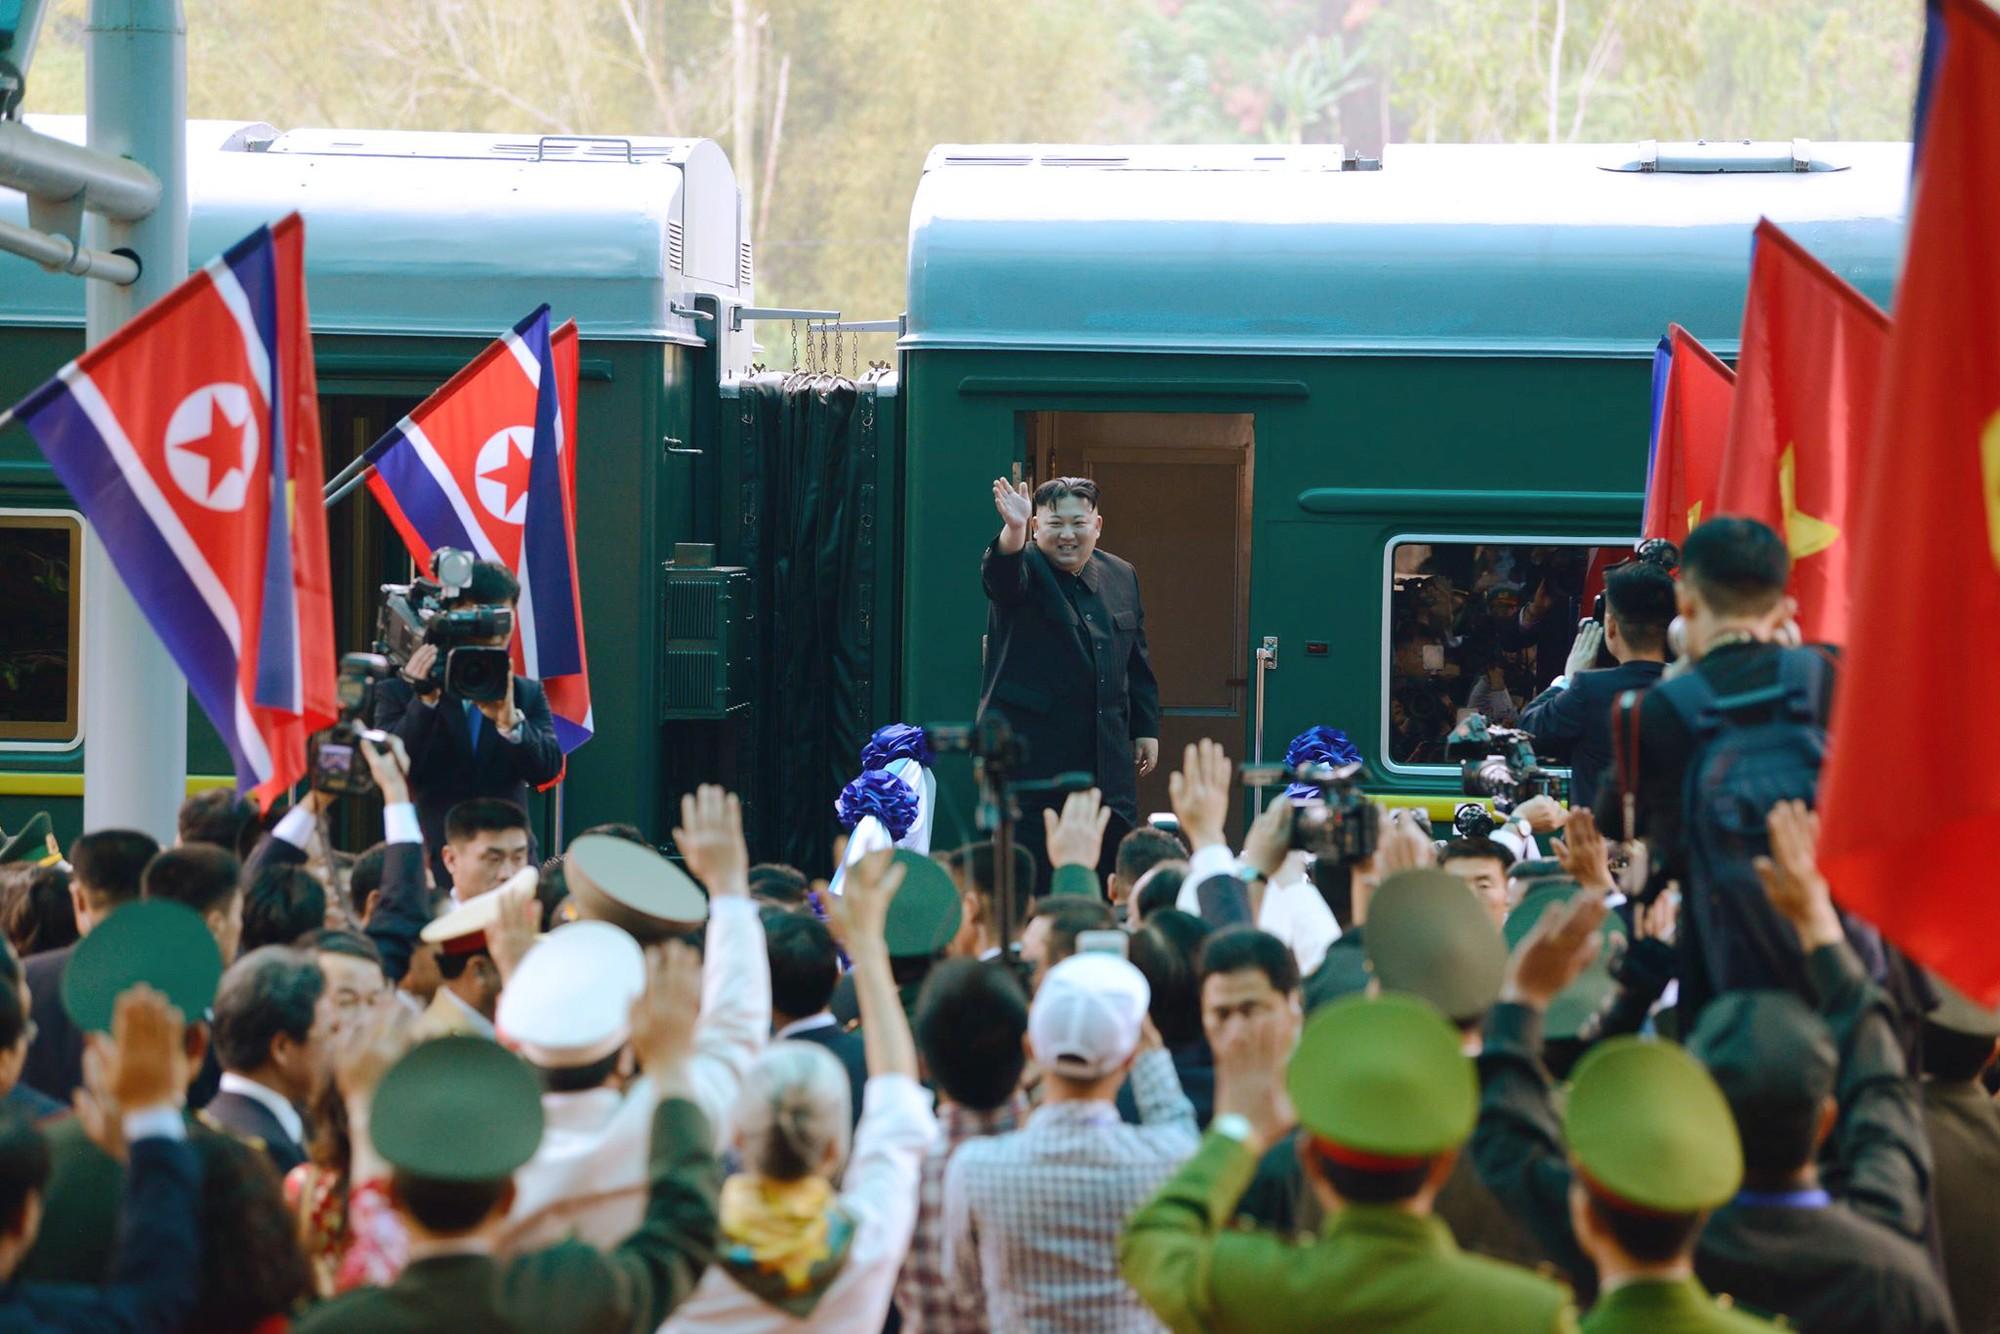 [PHOTO ESSAY] Những khoảnh khắc lịch sử trong chuyến công du Việt Nam đầu tiên của Chủ tịch Kim Jong-un - Ảnh 28.